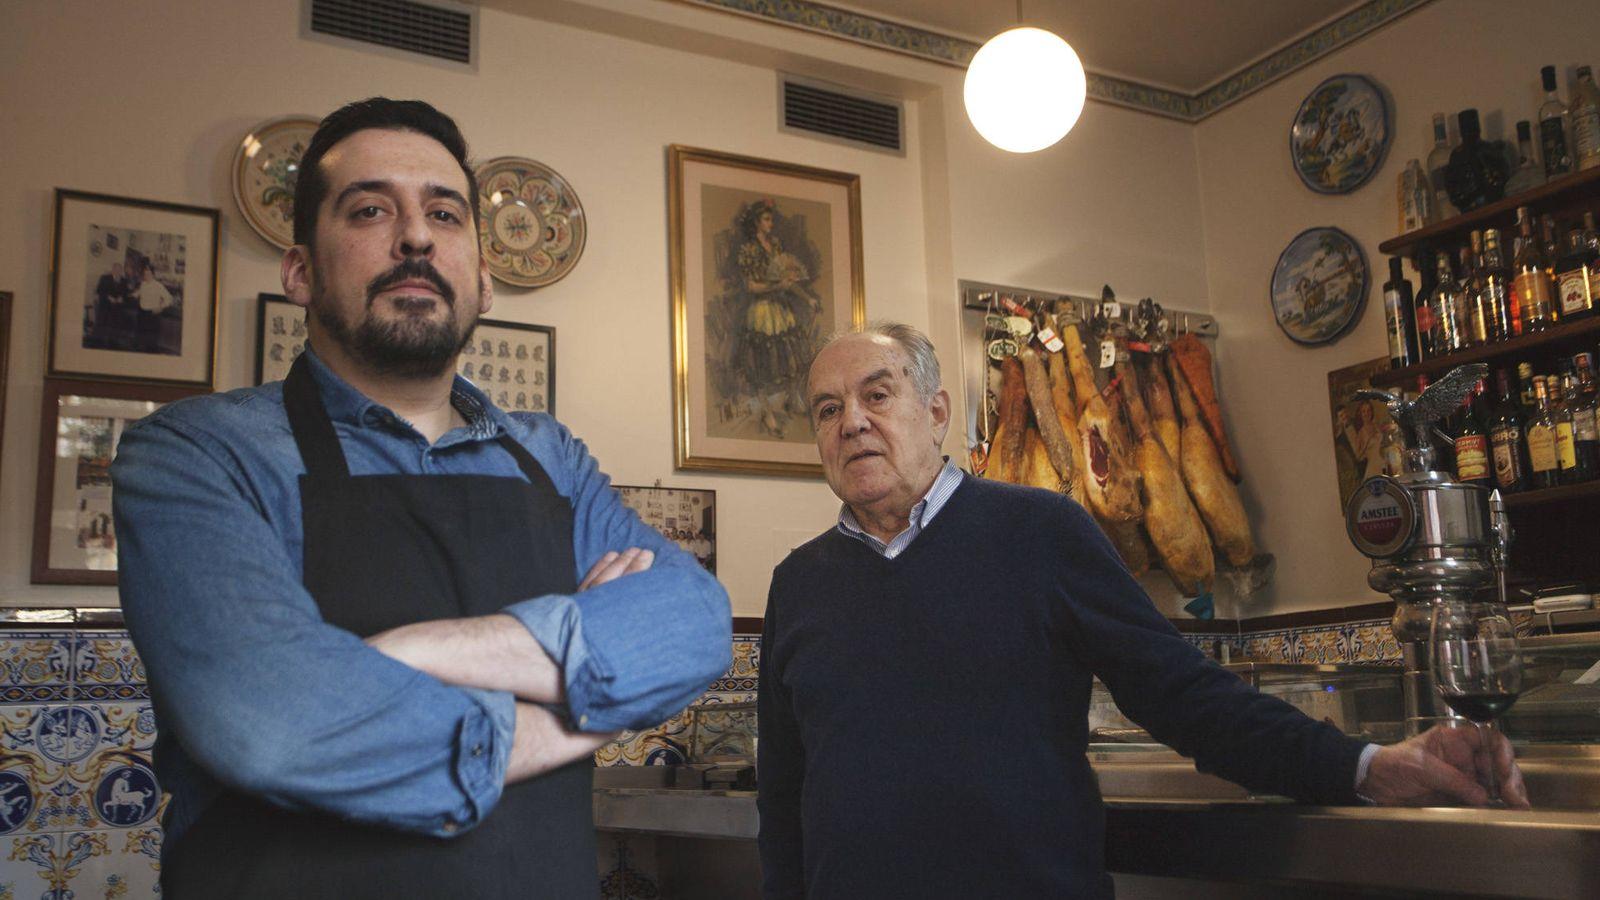 Foto: David y Mariano, la tradición y el relevo generacional. (Enrique Villarino)